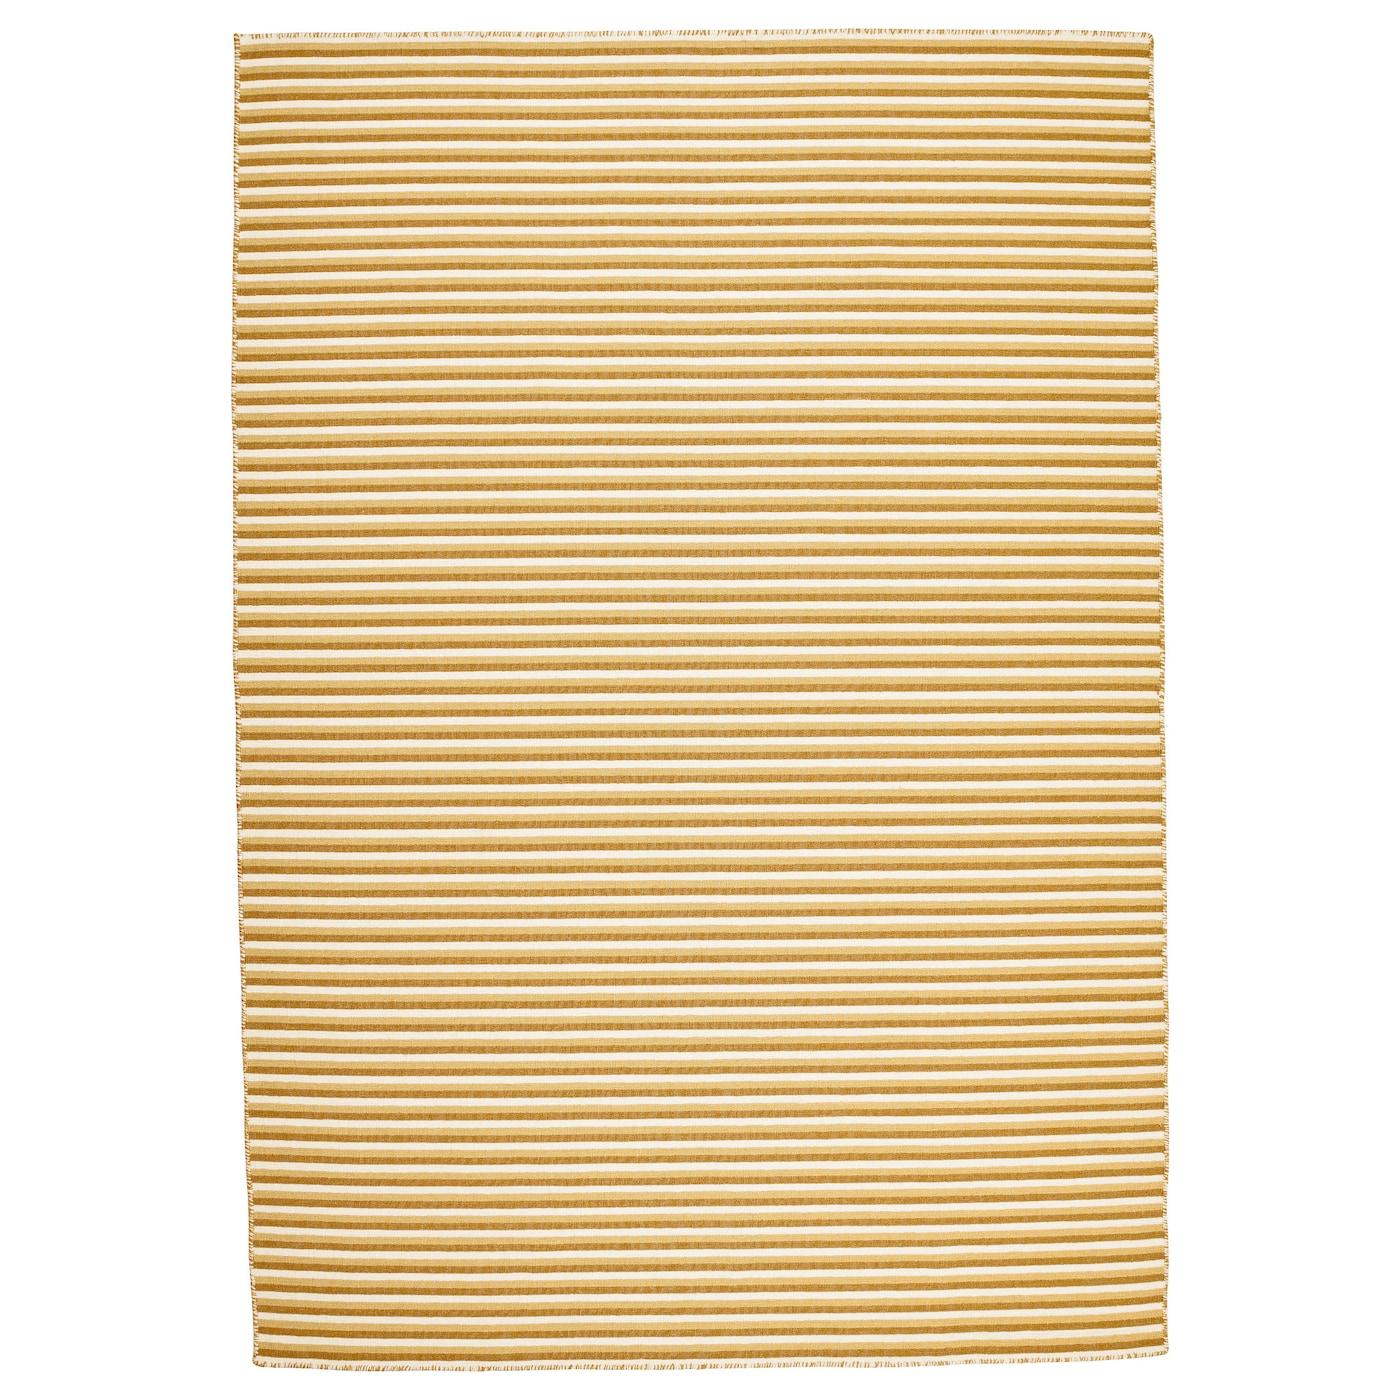 Ikea Rug Felt: VESTBIRK Rug, Flatwoven Handmade/yellow 133x195 Cm